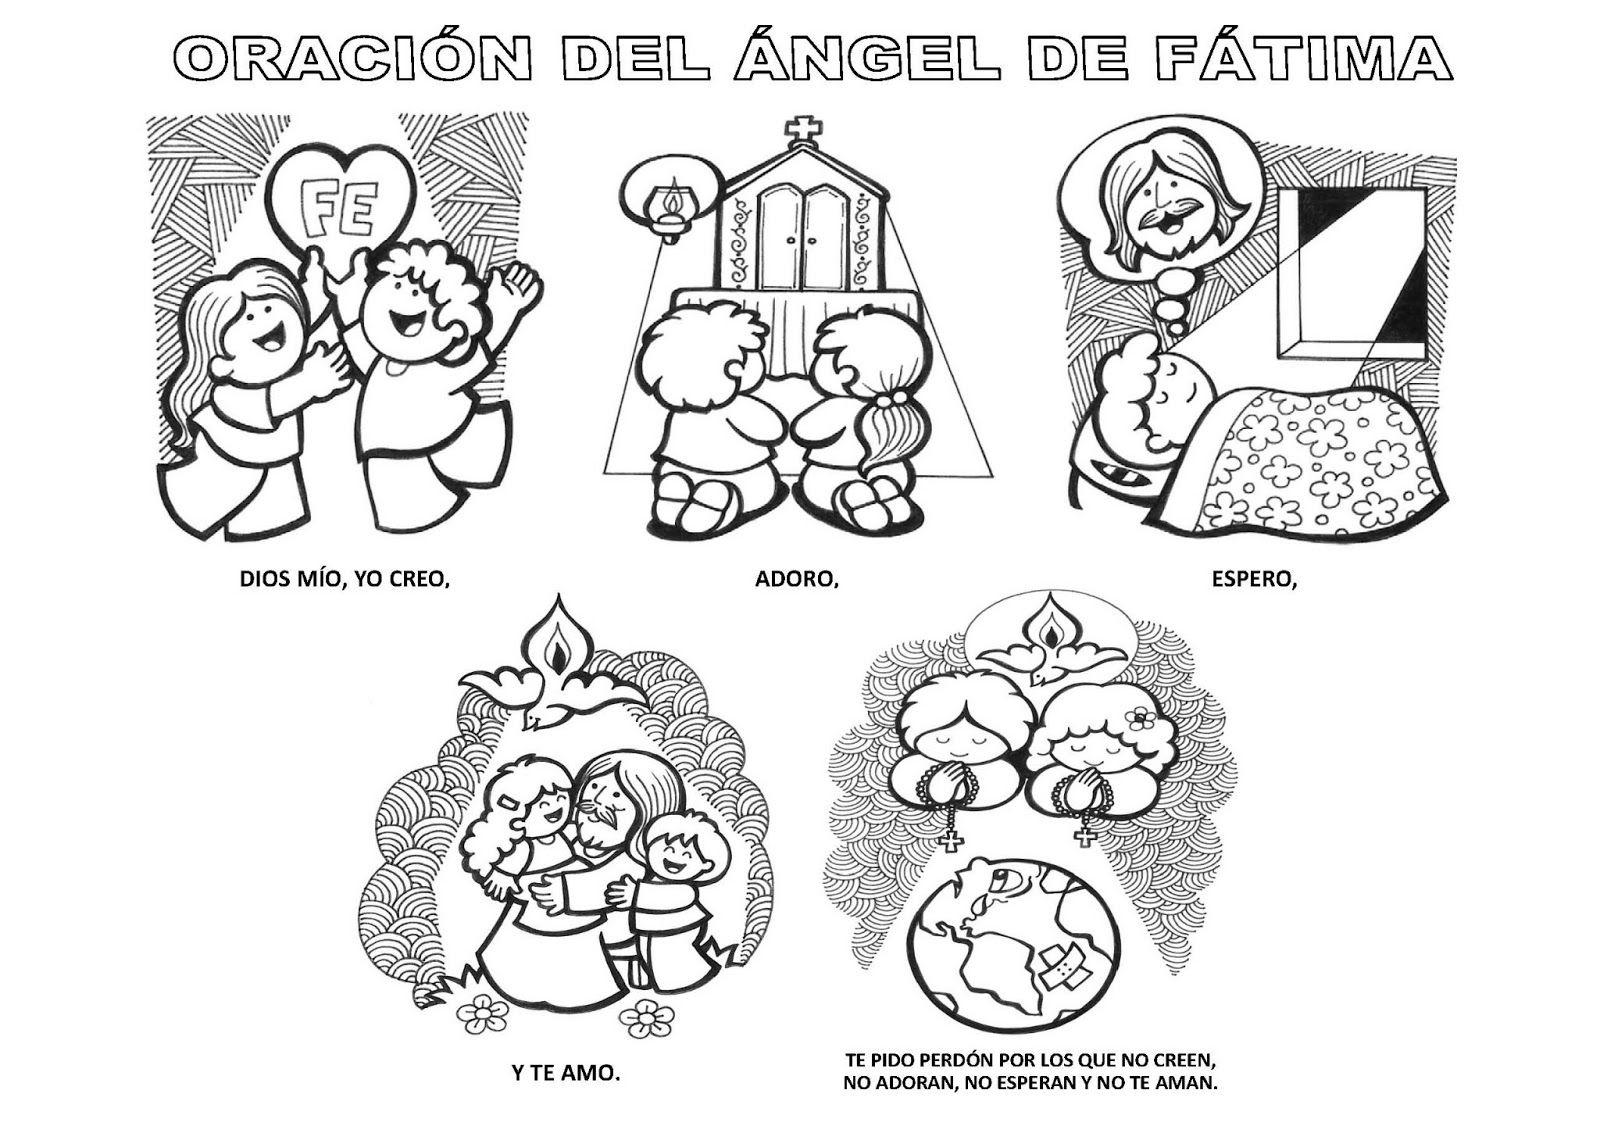 Catequesis Primera Unia N El Credo Para Colorear Espagnol: La Catequesis: Recursos Catequesis Virgen De Fátima